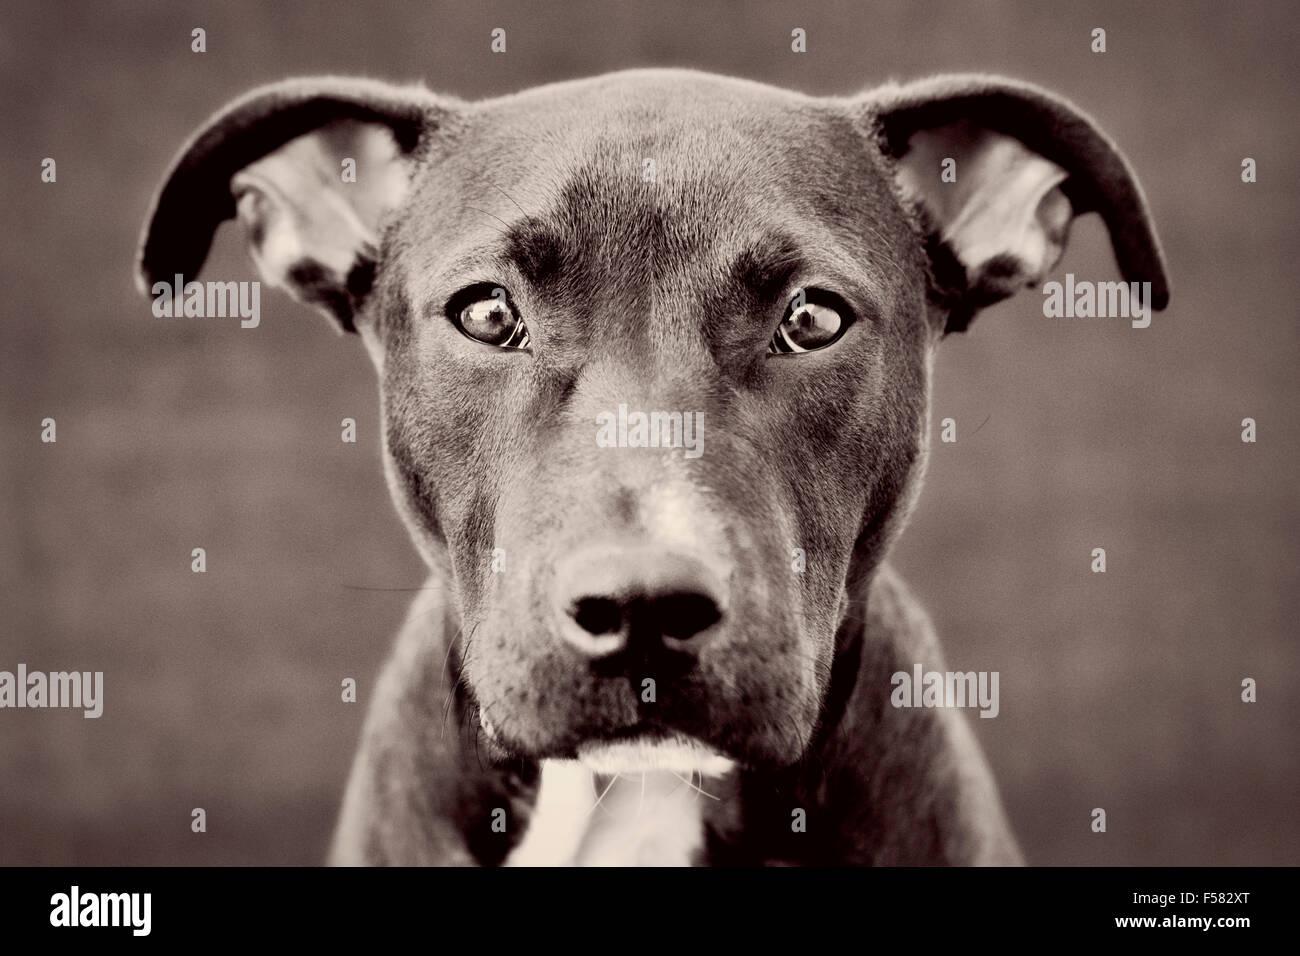 Dans les tons noir et blanc envoûtant portrait portrait de jeune noir Pitbull puppy dog à la caméra Photo Stock